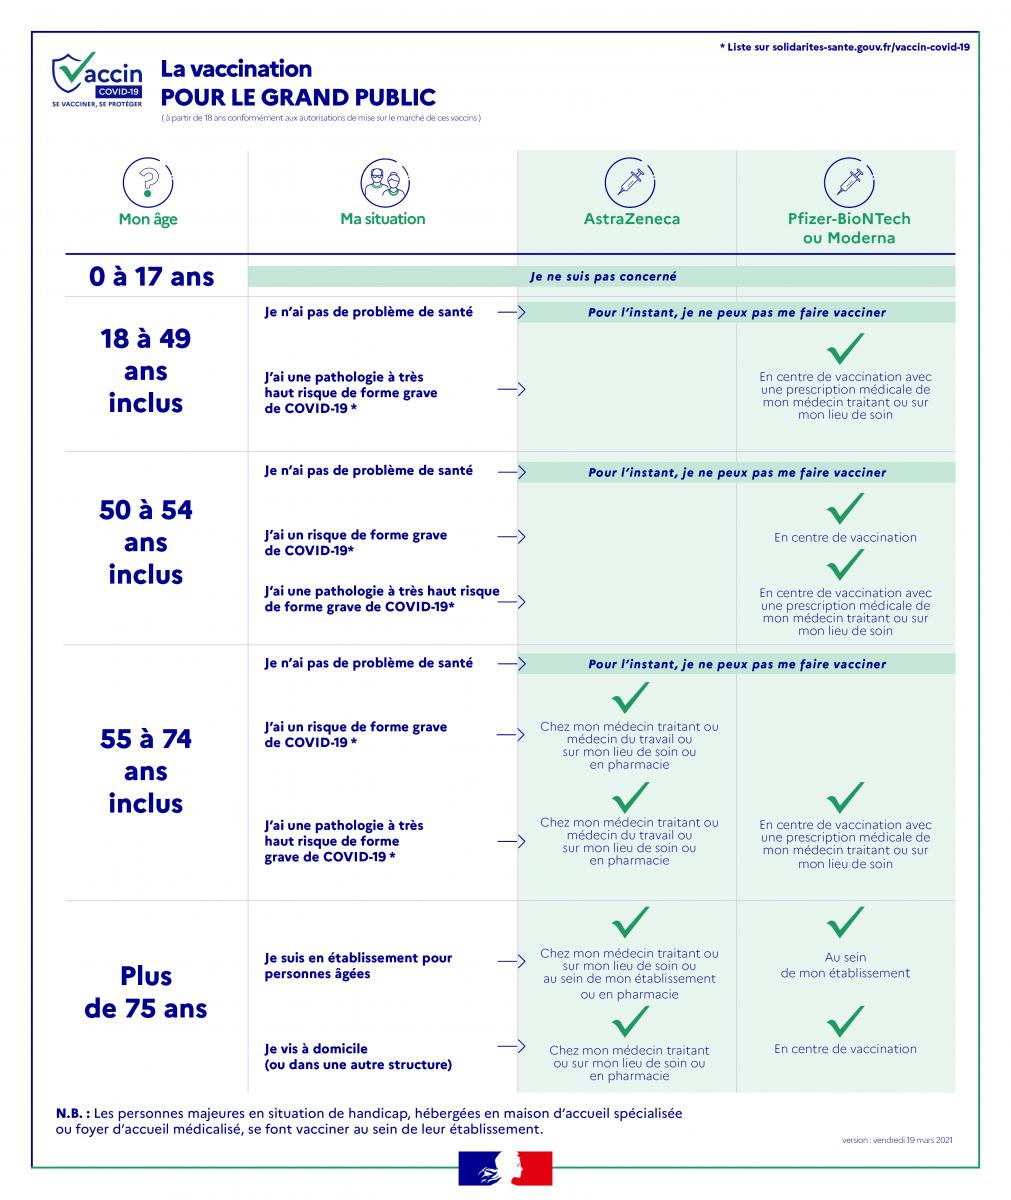 infog_publics_x_vaccins_v19-03-50-54ans.png